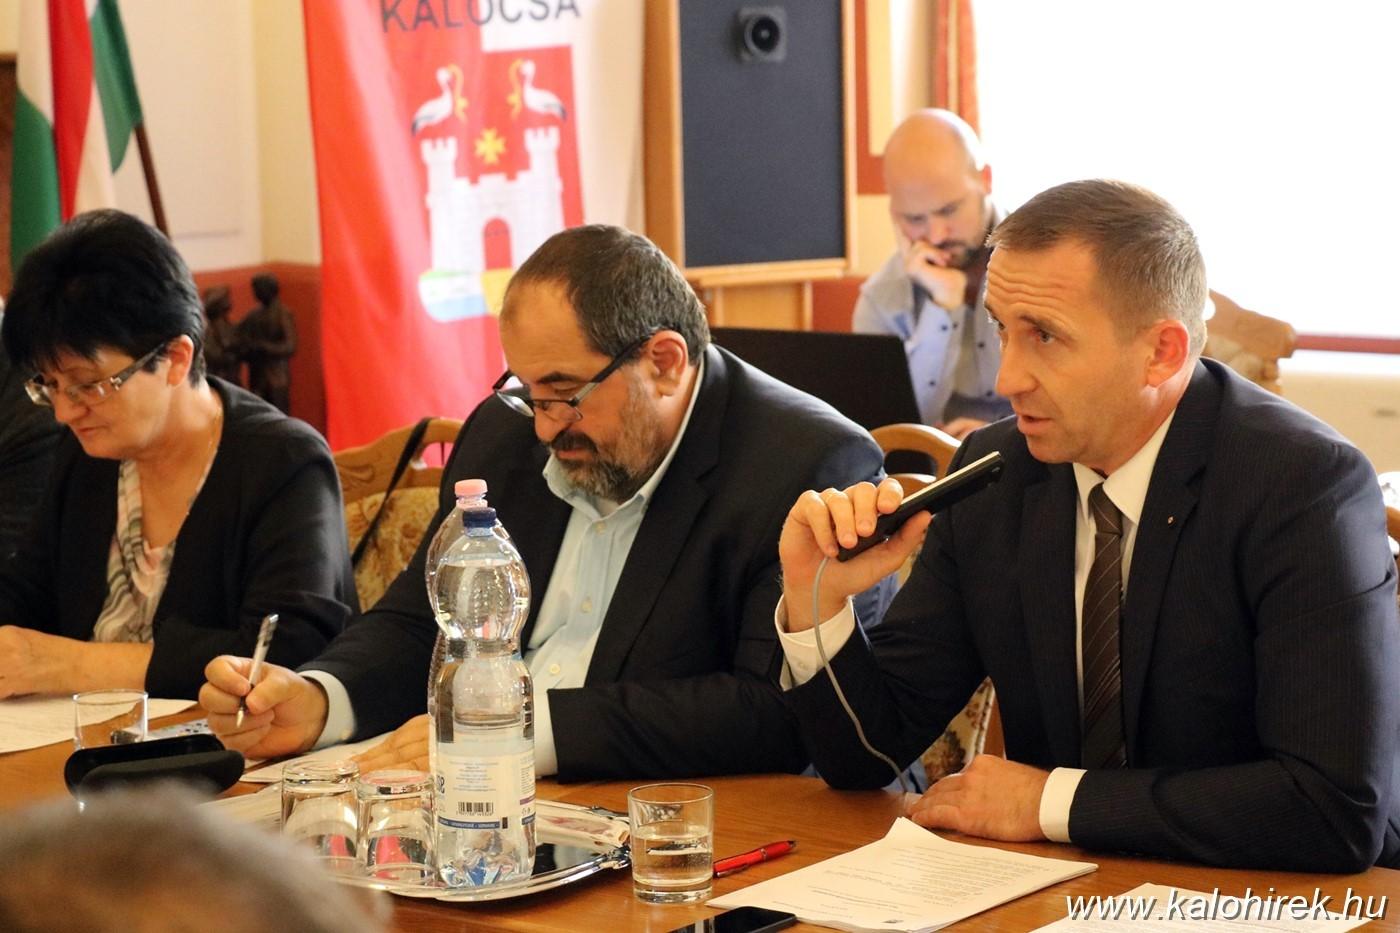 """Filvig Géza: """"a kalocsai MSZP vezetői alkalmatlanok a politikusi tisztségre"""""""